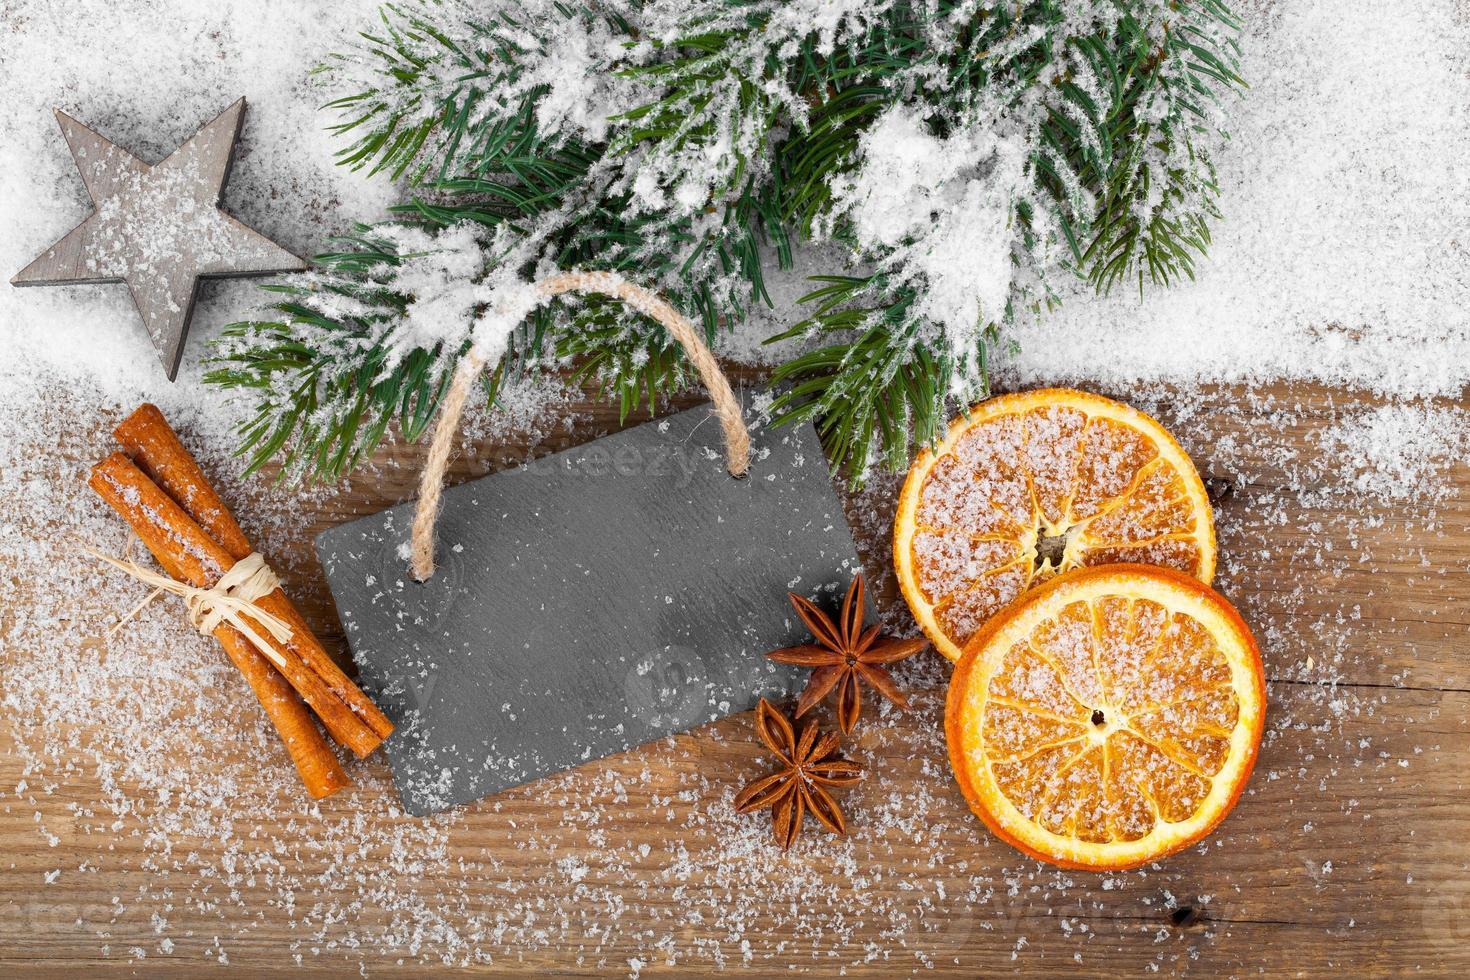 Weihnachtsdekoration mit Schieferbrett foto